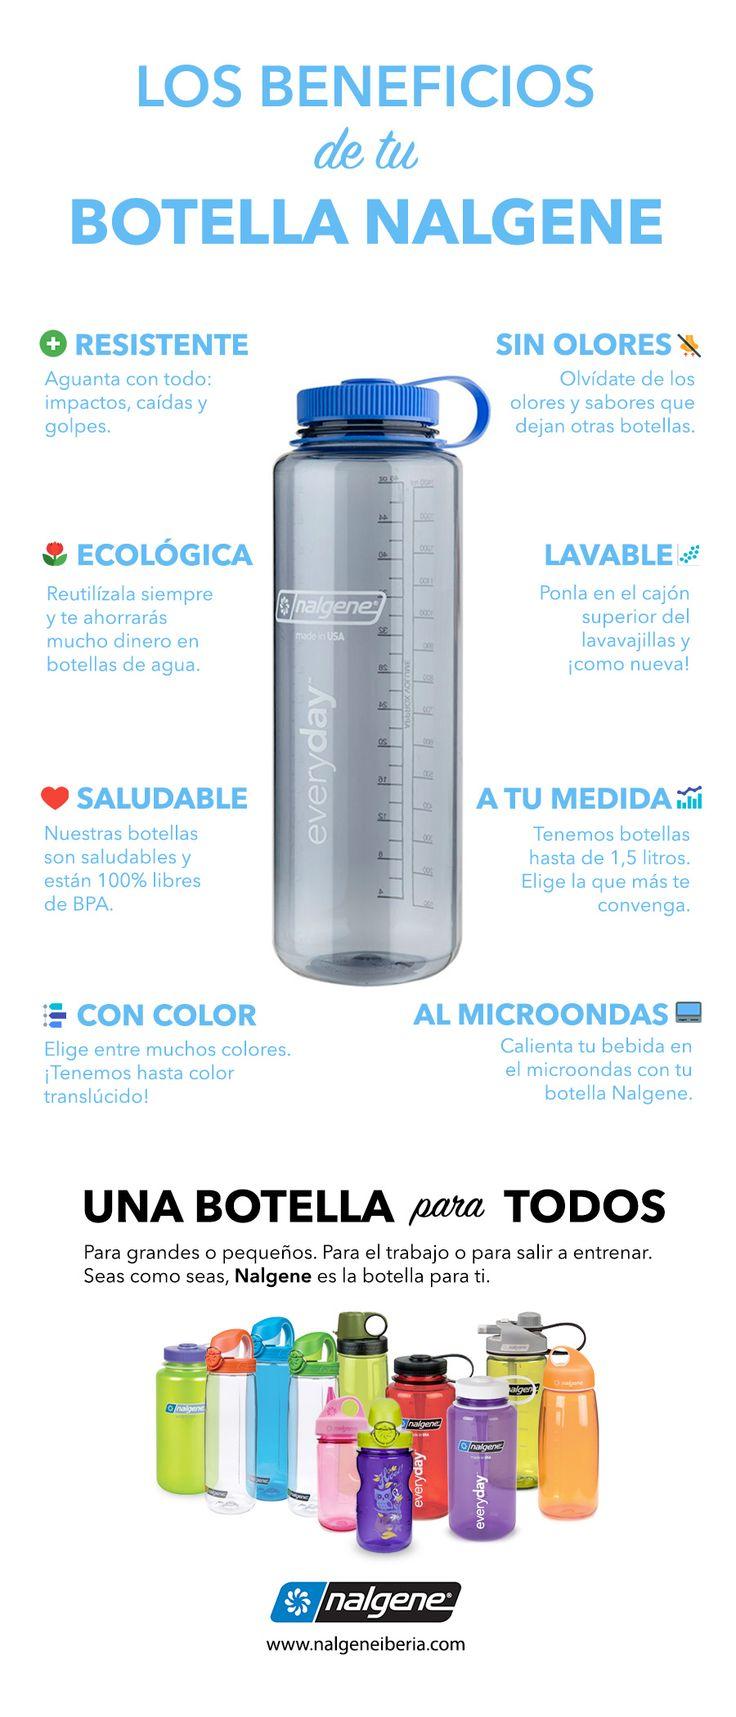 Infografía beneficios botellas de agua   Nalgene #nalgene #botella #agua #infografía #beneficios #hidratacion #salud #bienestar